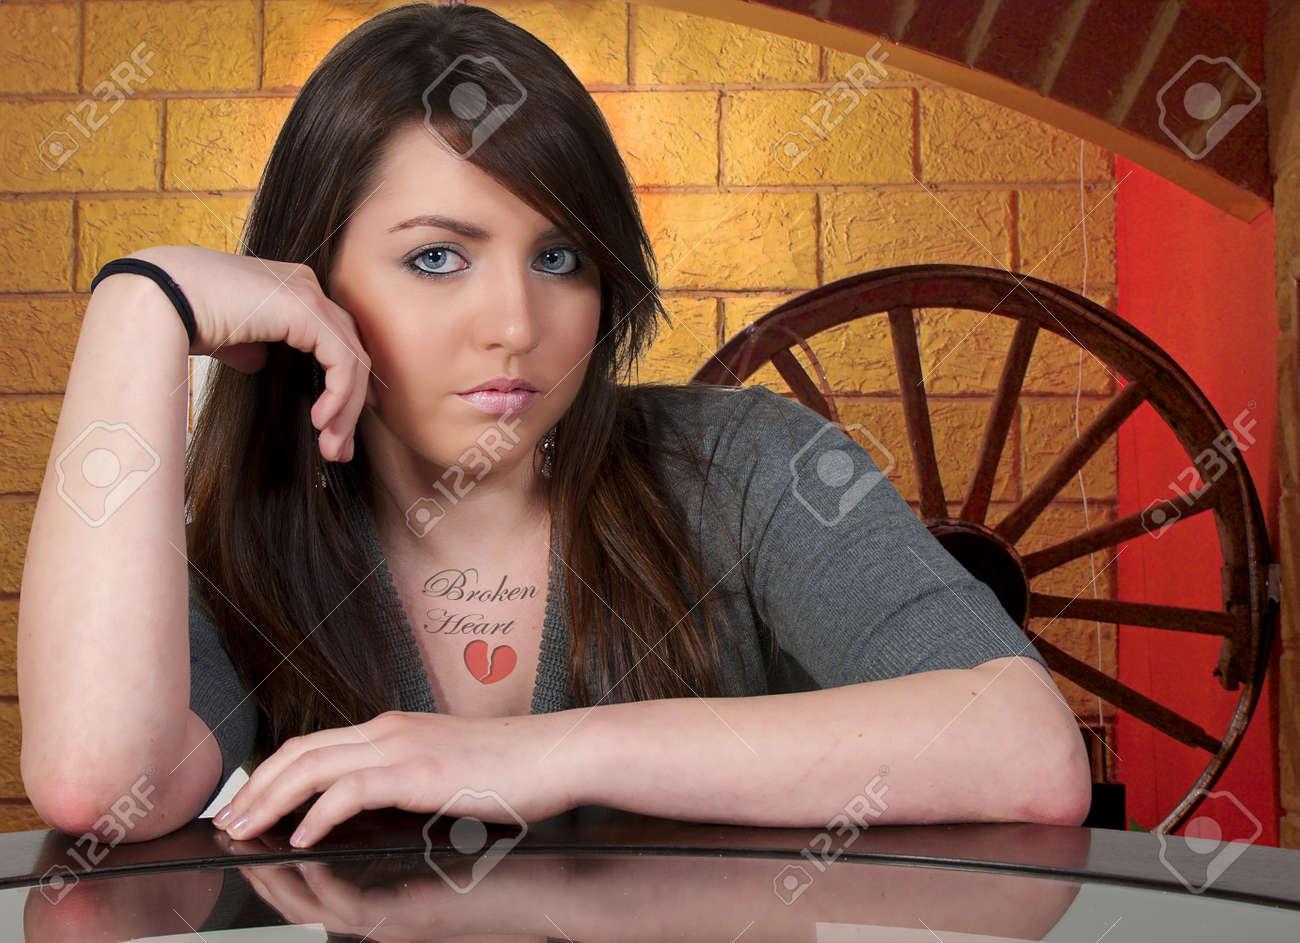 Une Belle Jeune Femme Avec Un Tatouage Qui Dit Coeur Brise Banque D